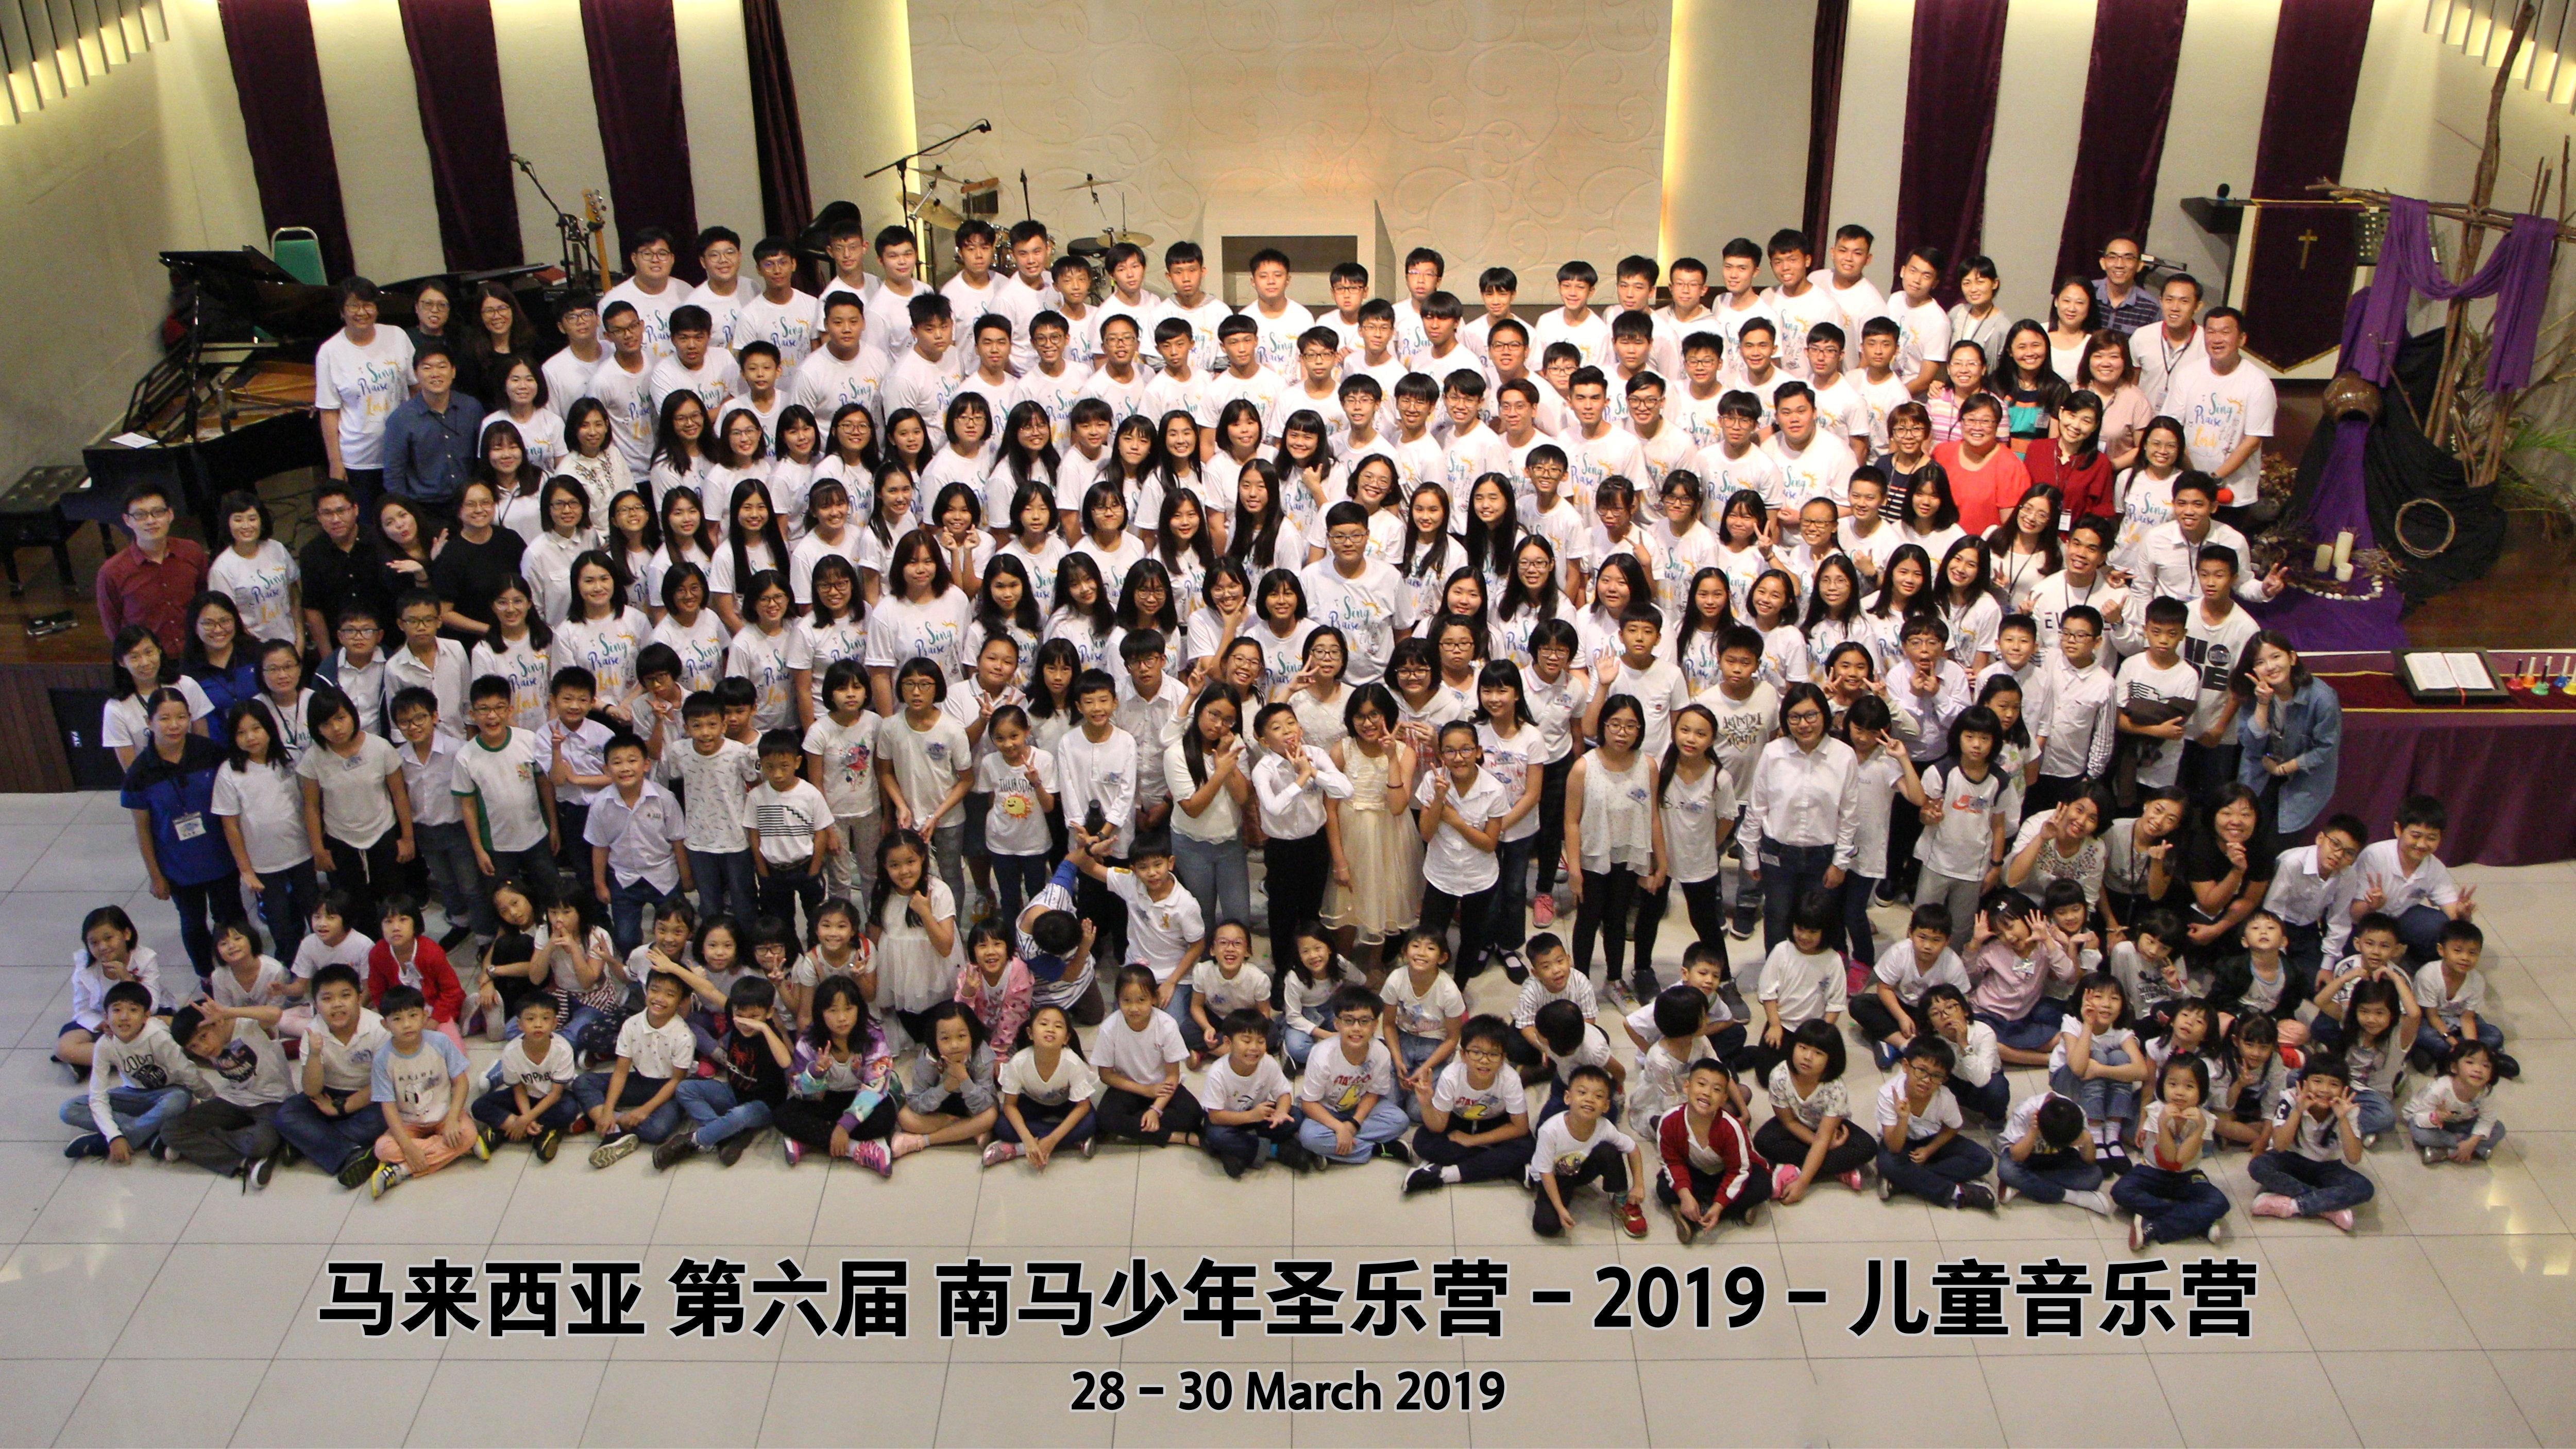 音为你 马来西亚 南马 少儿迷你音乐会 2019 儿童音乐营 马来西亚 第六届 南马少年圣乐营 6th South Malaysia Youth Church Music Camp A01-001